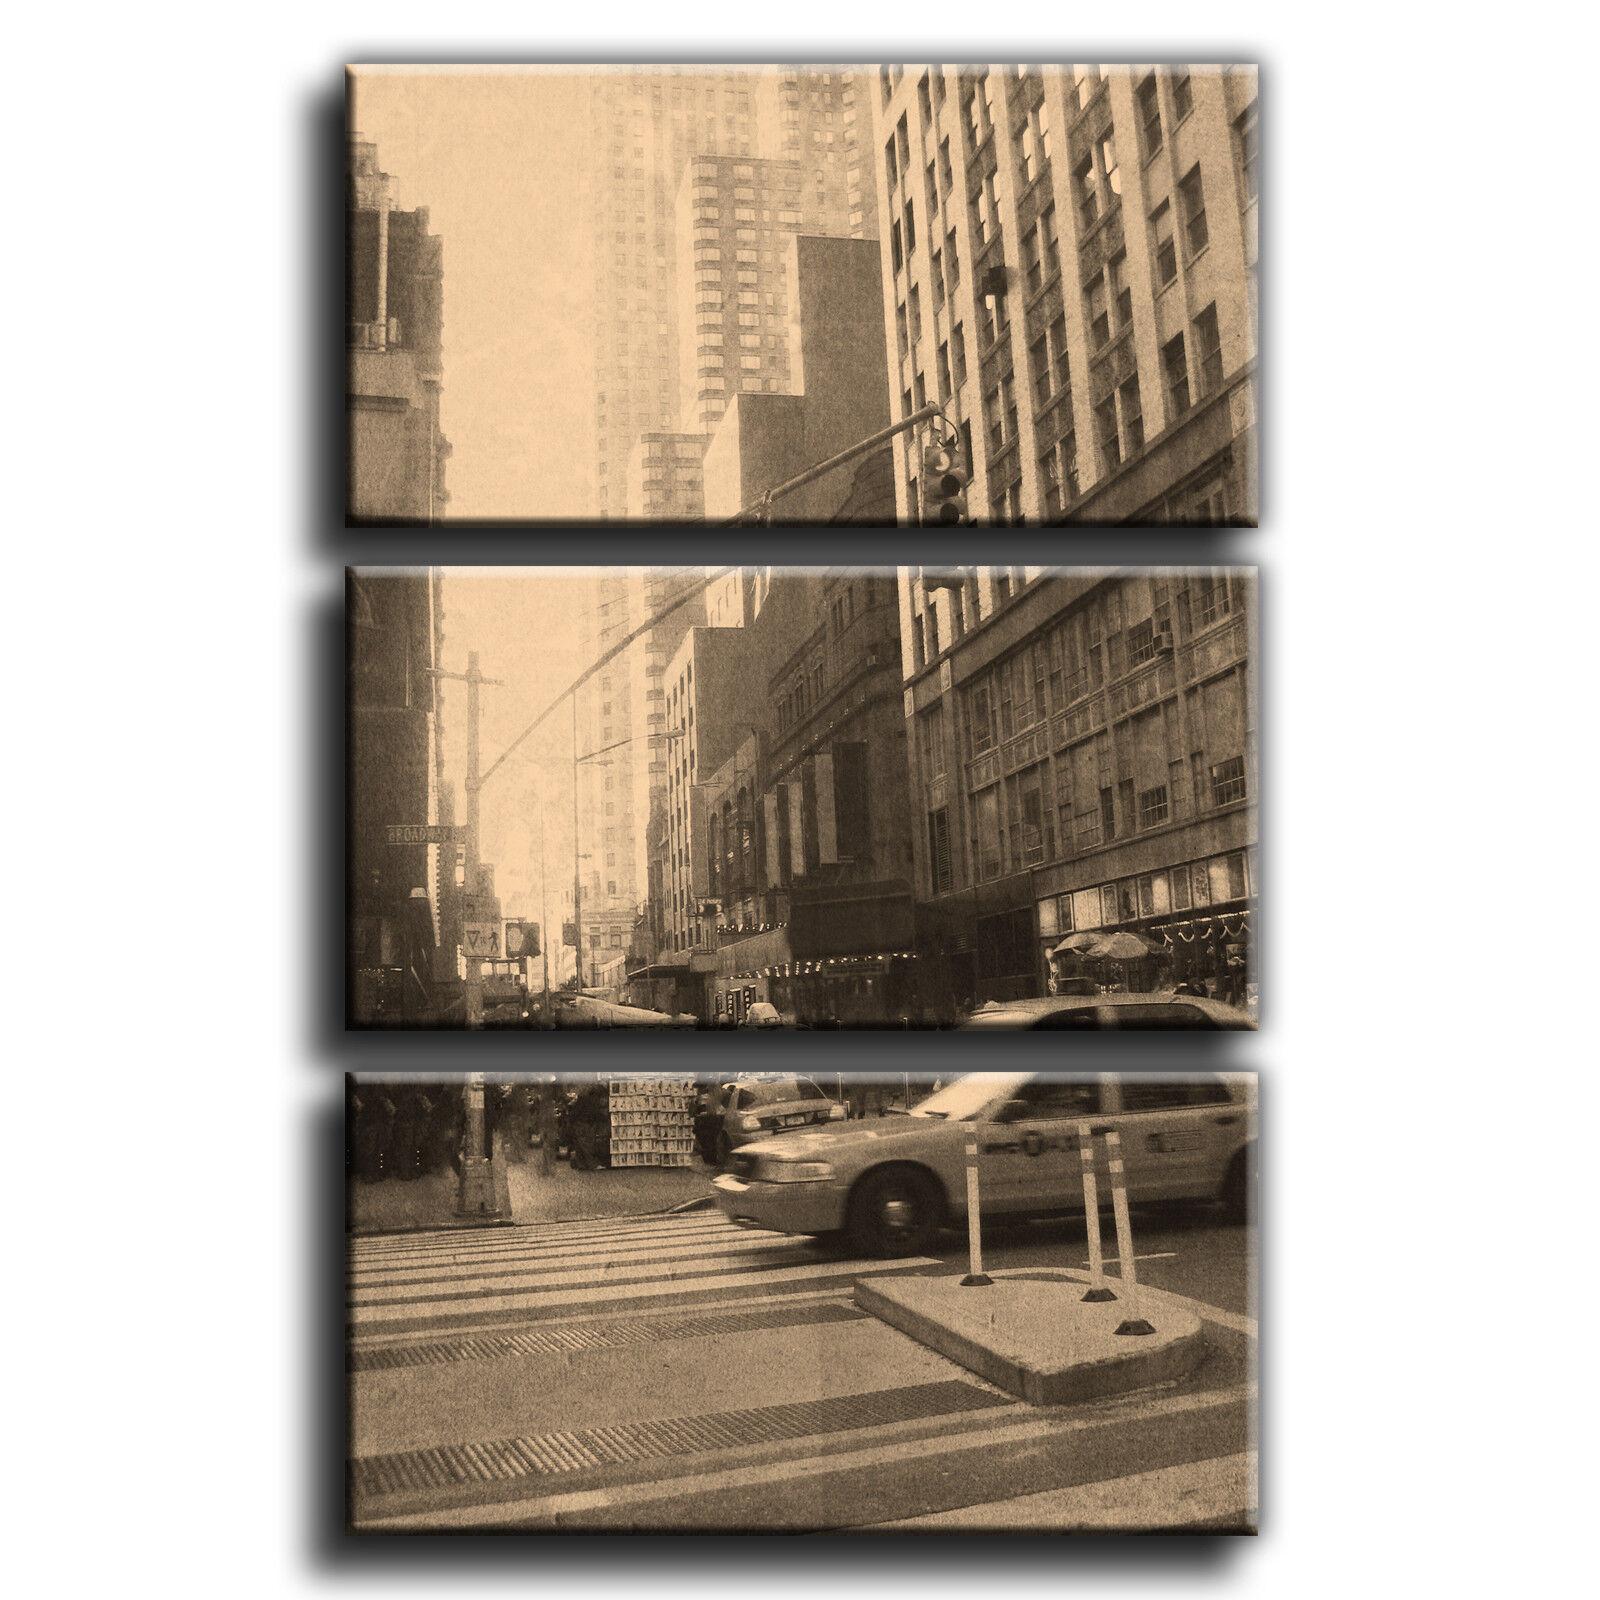 NEW YORK TAXI VINTAGE PAESAGGIO TREBLE TREBLE TREBLE TELA parete arte foto stampa 30 27fdbb